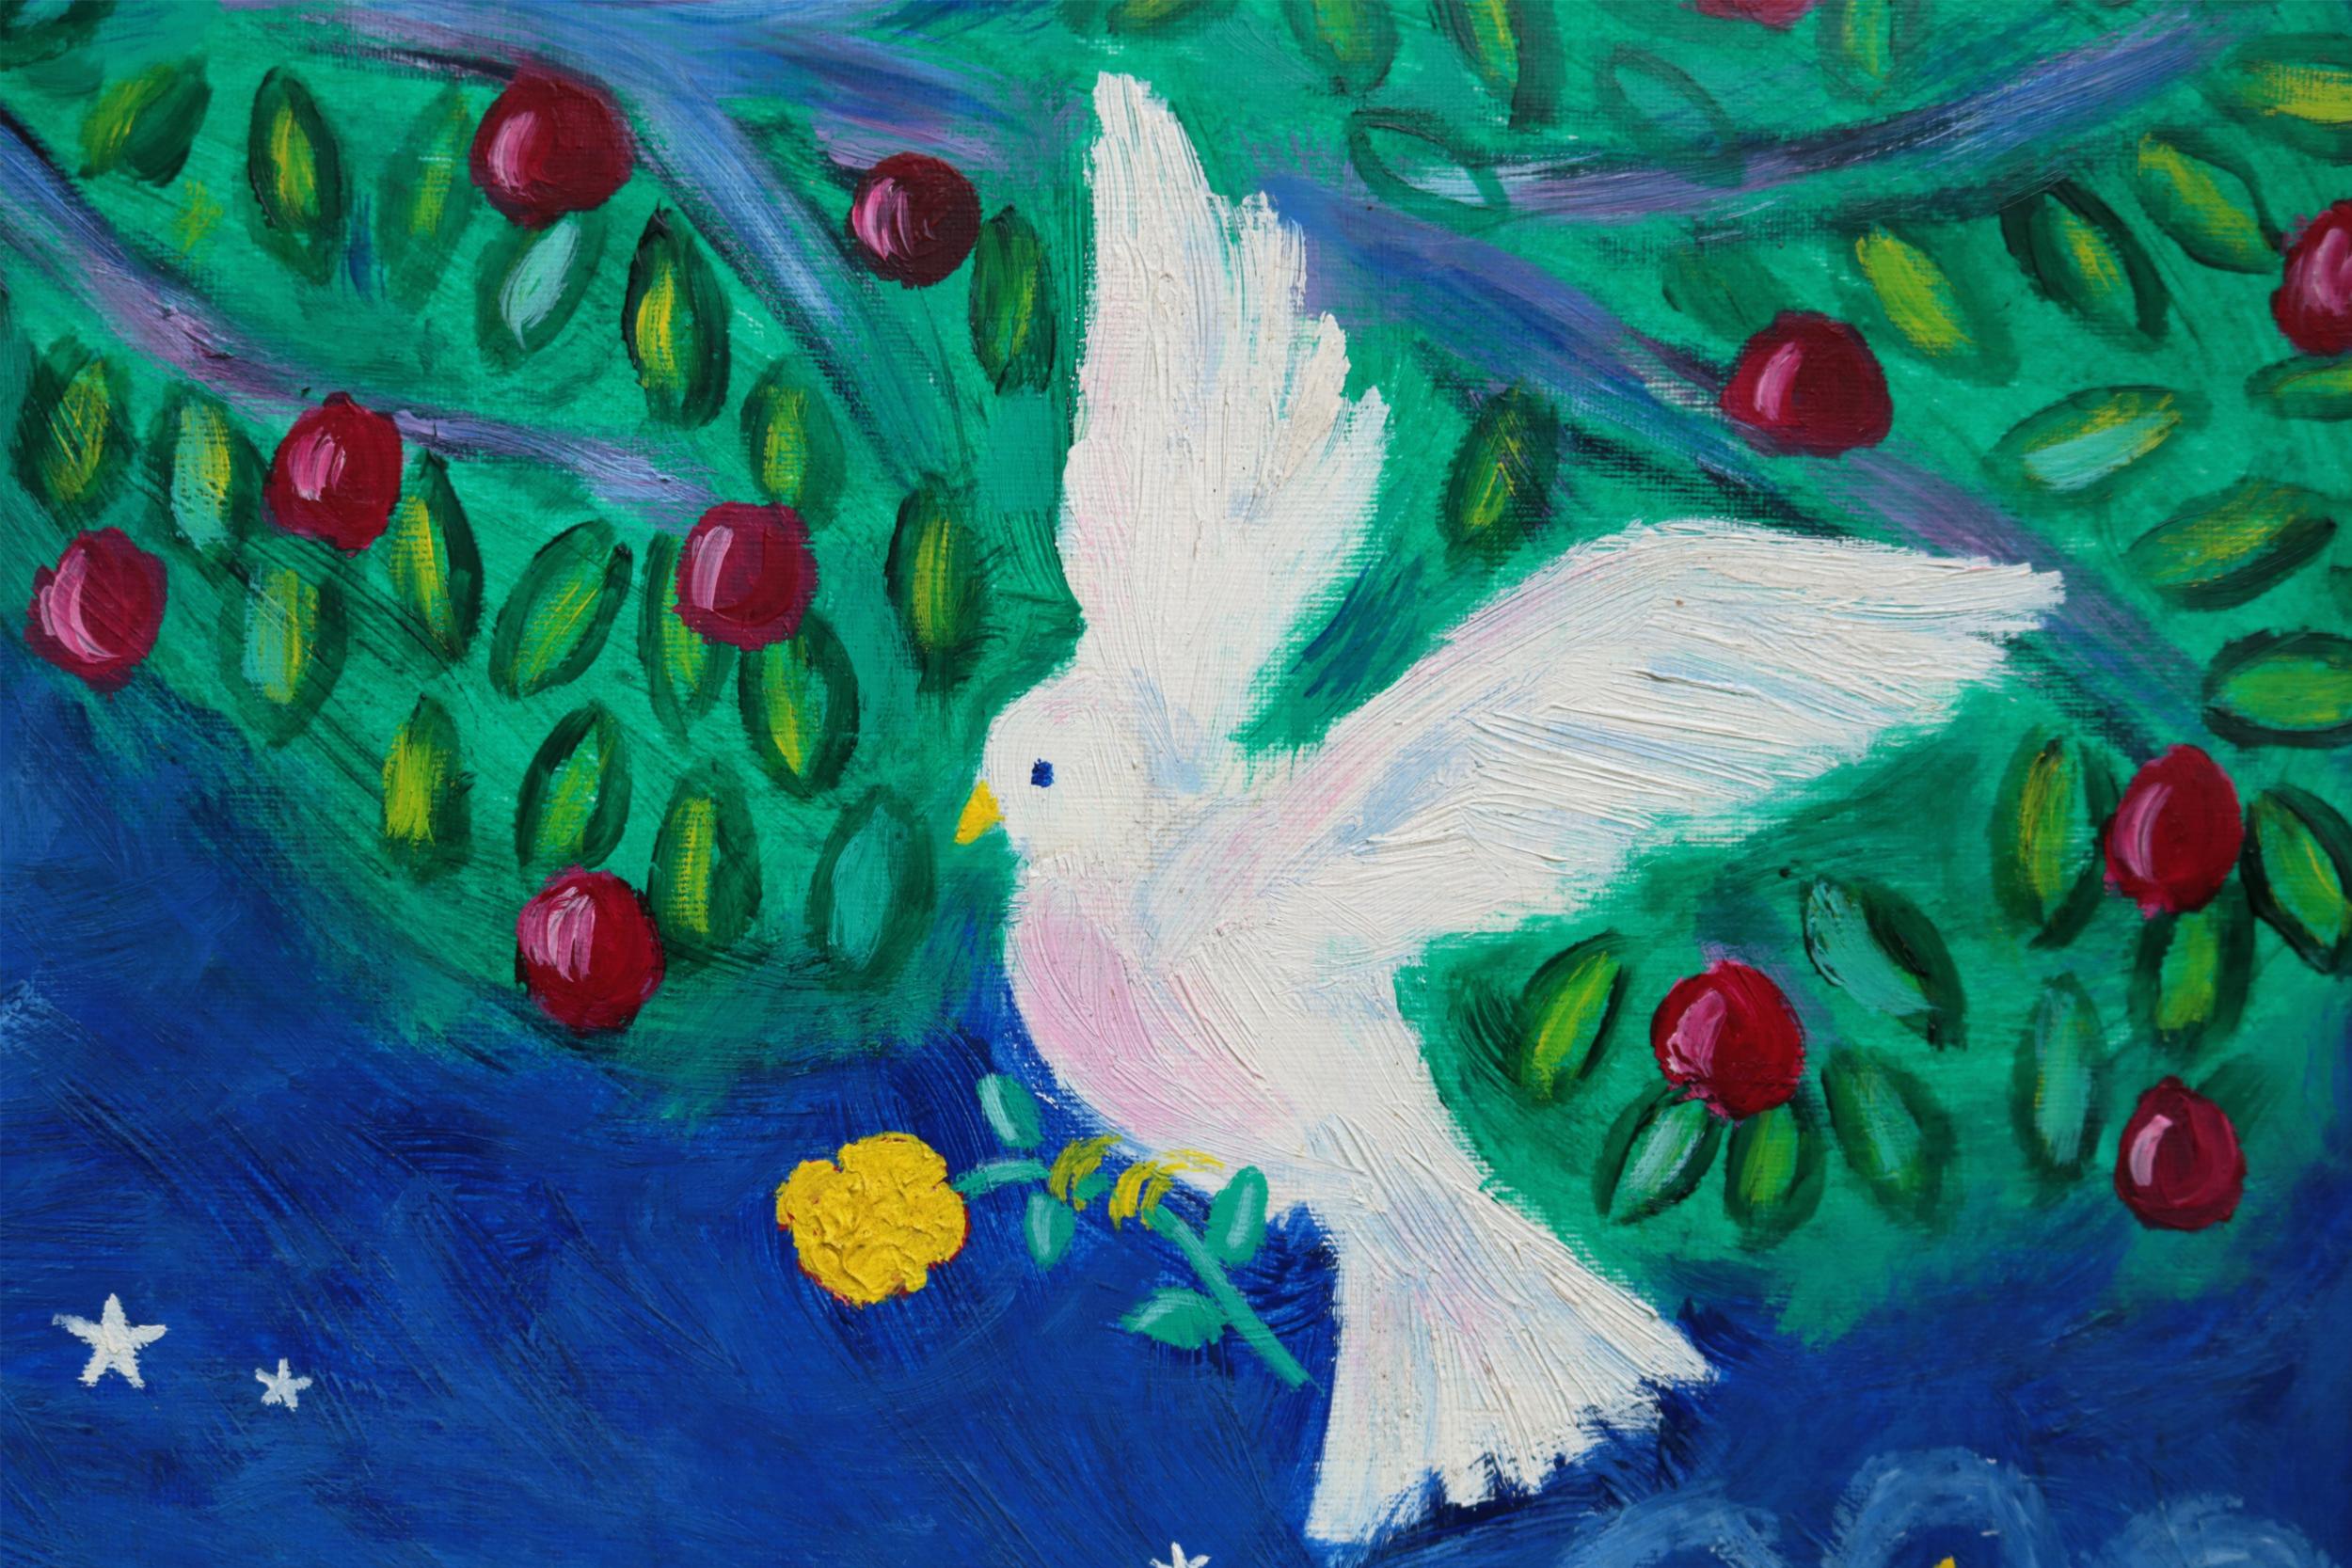 Illustrasjonsbilde av en hvit due som er malt